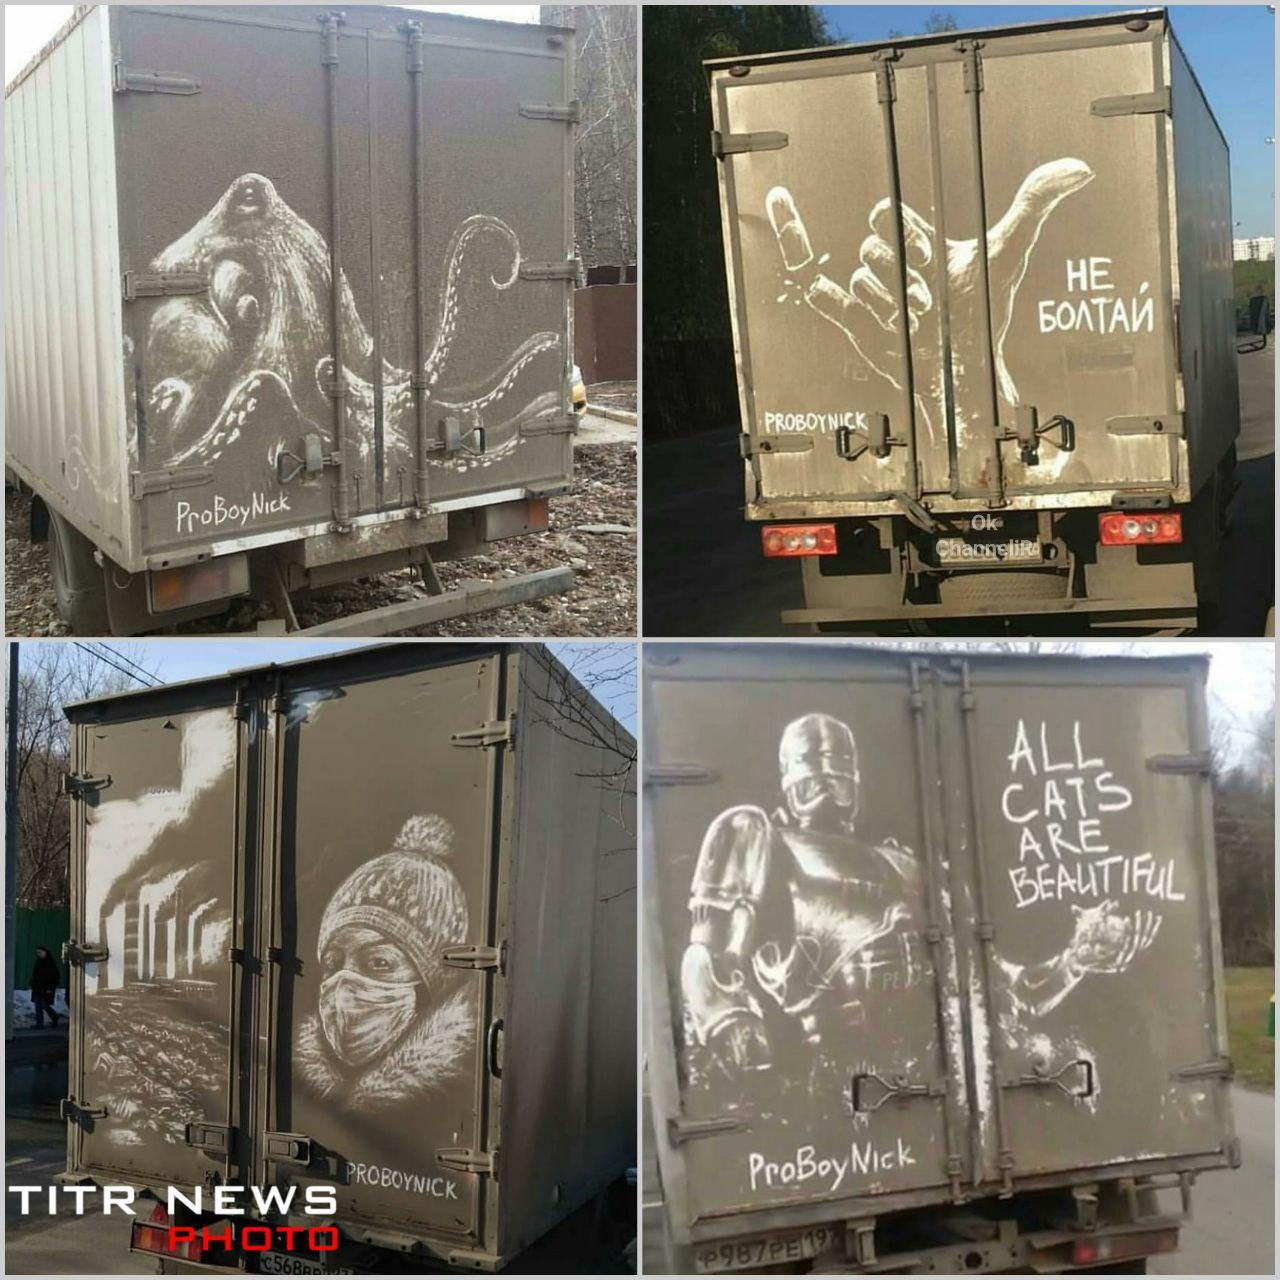 هنرمندی که روی خودروهای کثیف نقاشی میکند +عکس